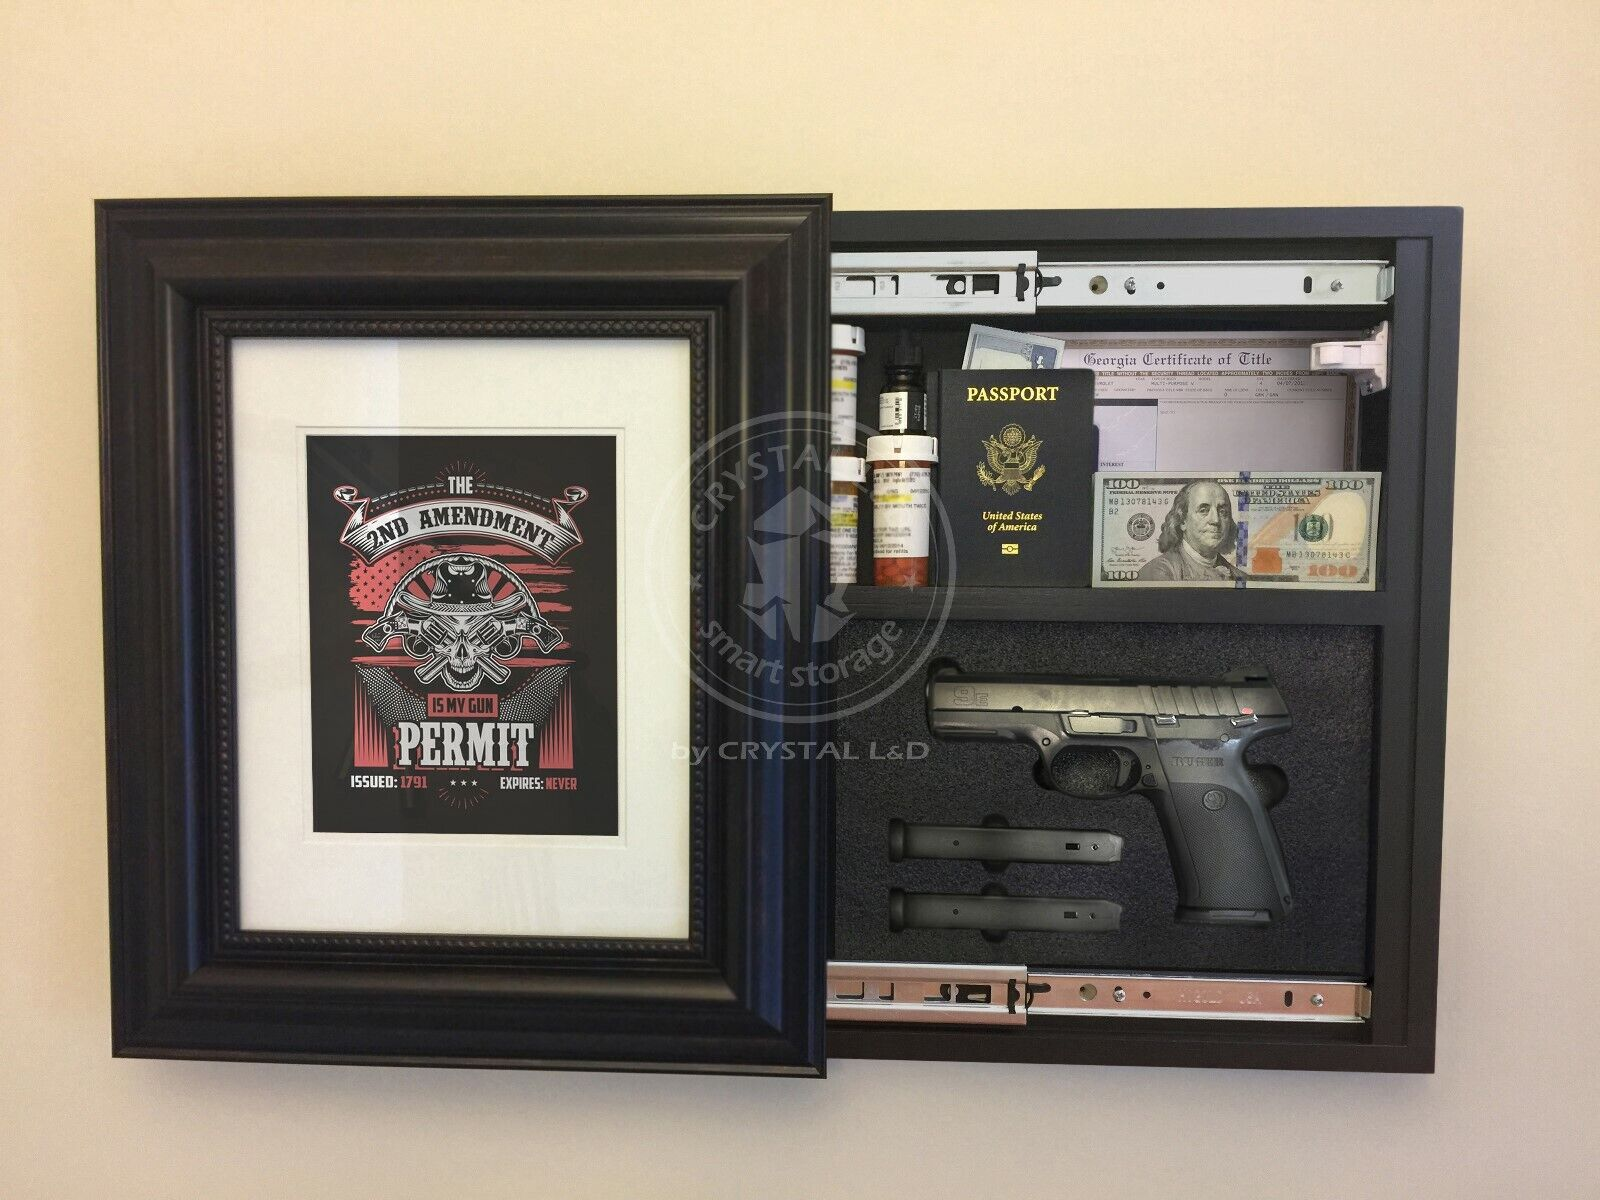 Marco de fotos de almacenamiento oculto para pistola y objetos de valor 20 in (approx. 50.80 cm) X 17 in (approx. 43.18 cm) Cerradura Magnética